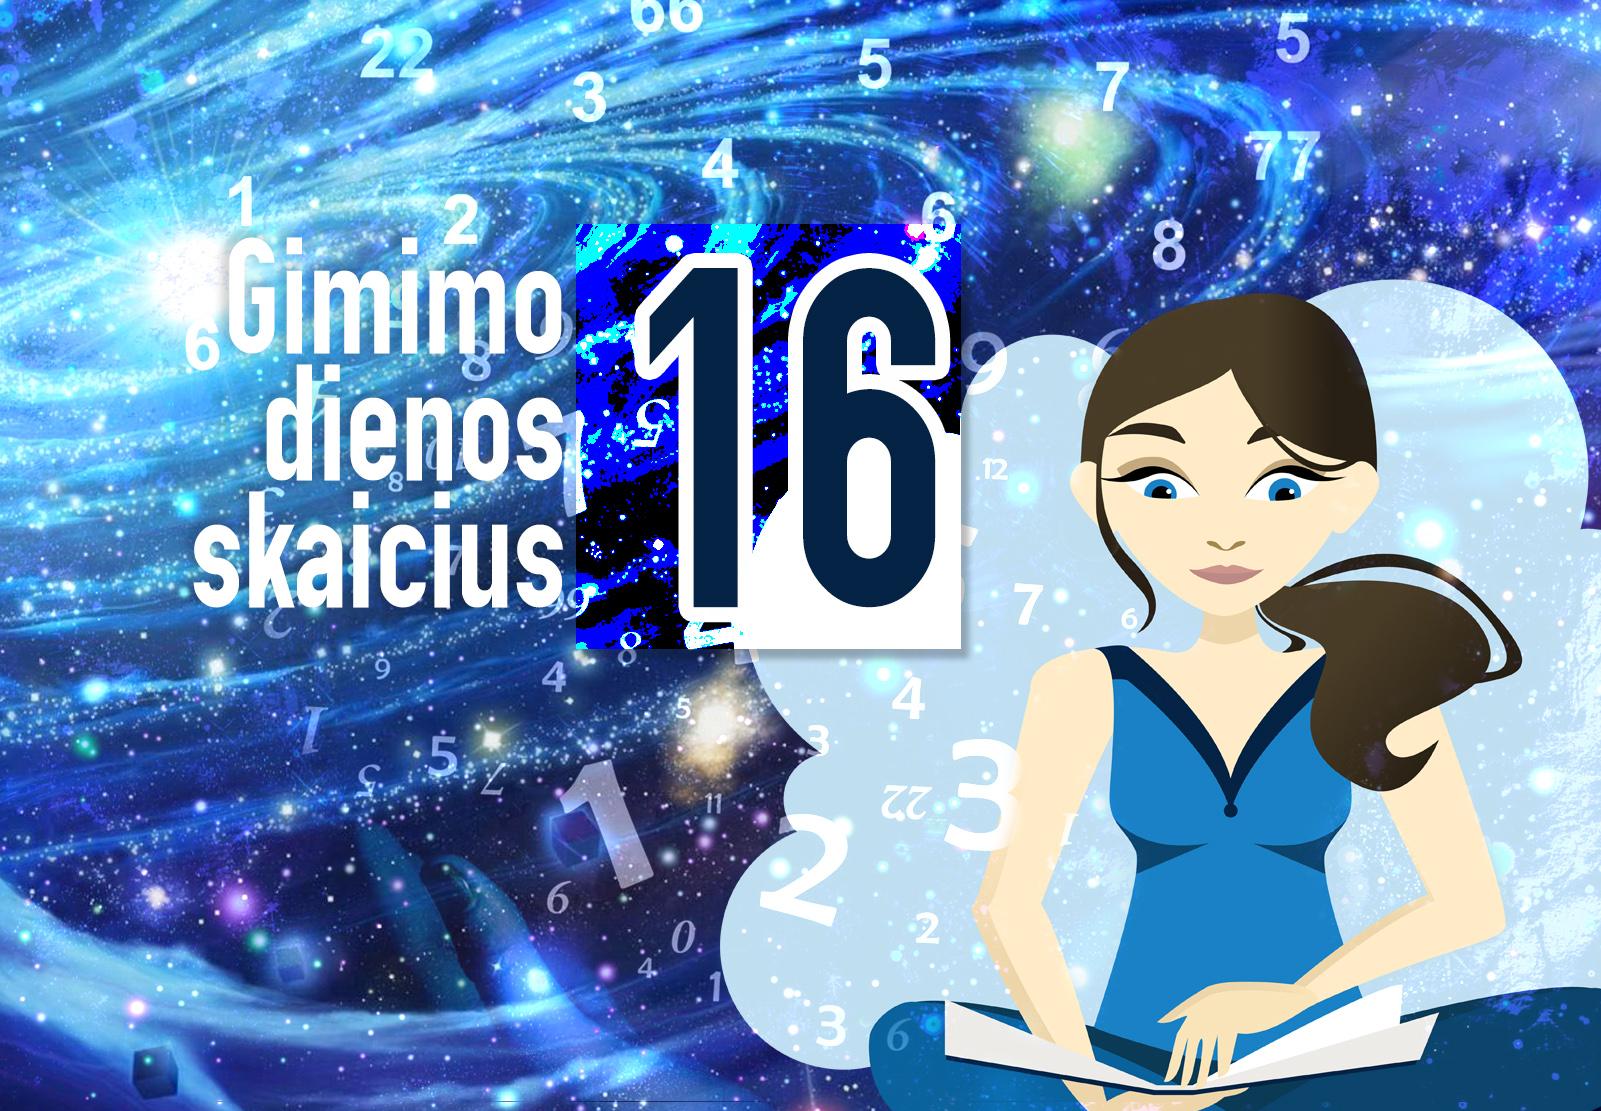 gimimo dienos skaičius 16